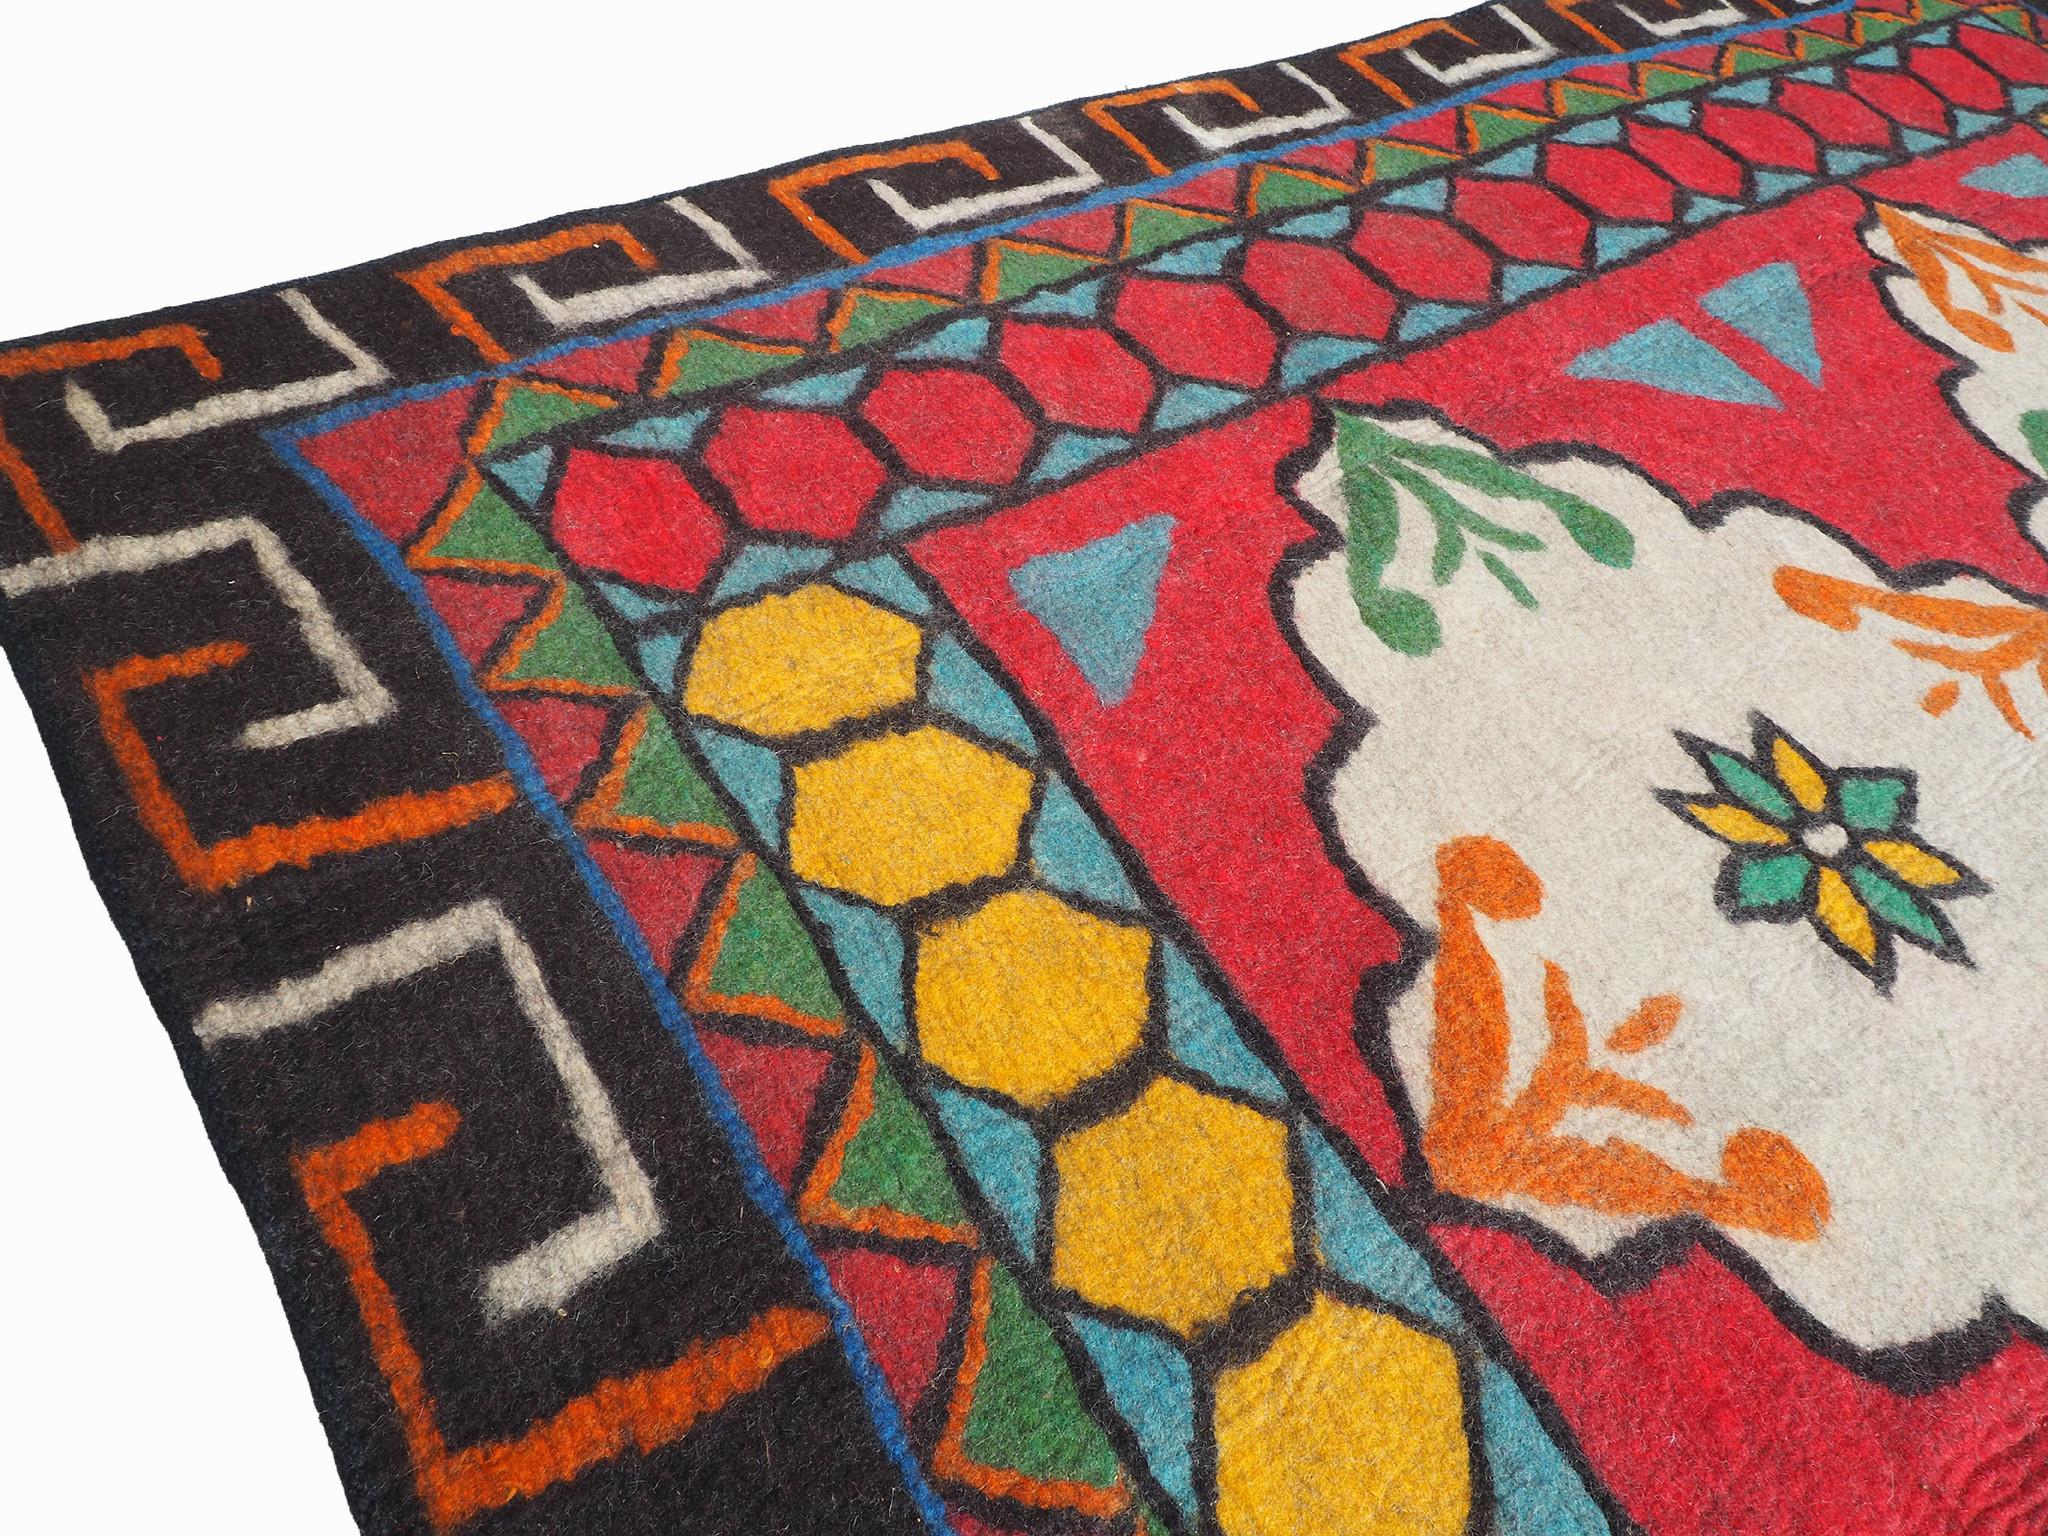 293x214 cm orient handgewebte Teppich Nomaden handgearbeitete Turkmenische nomanden Jurten Filzteppich Filz aus Nor Afghanistan shyrdak N702